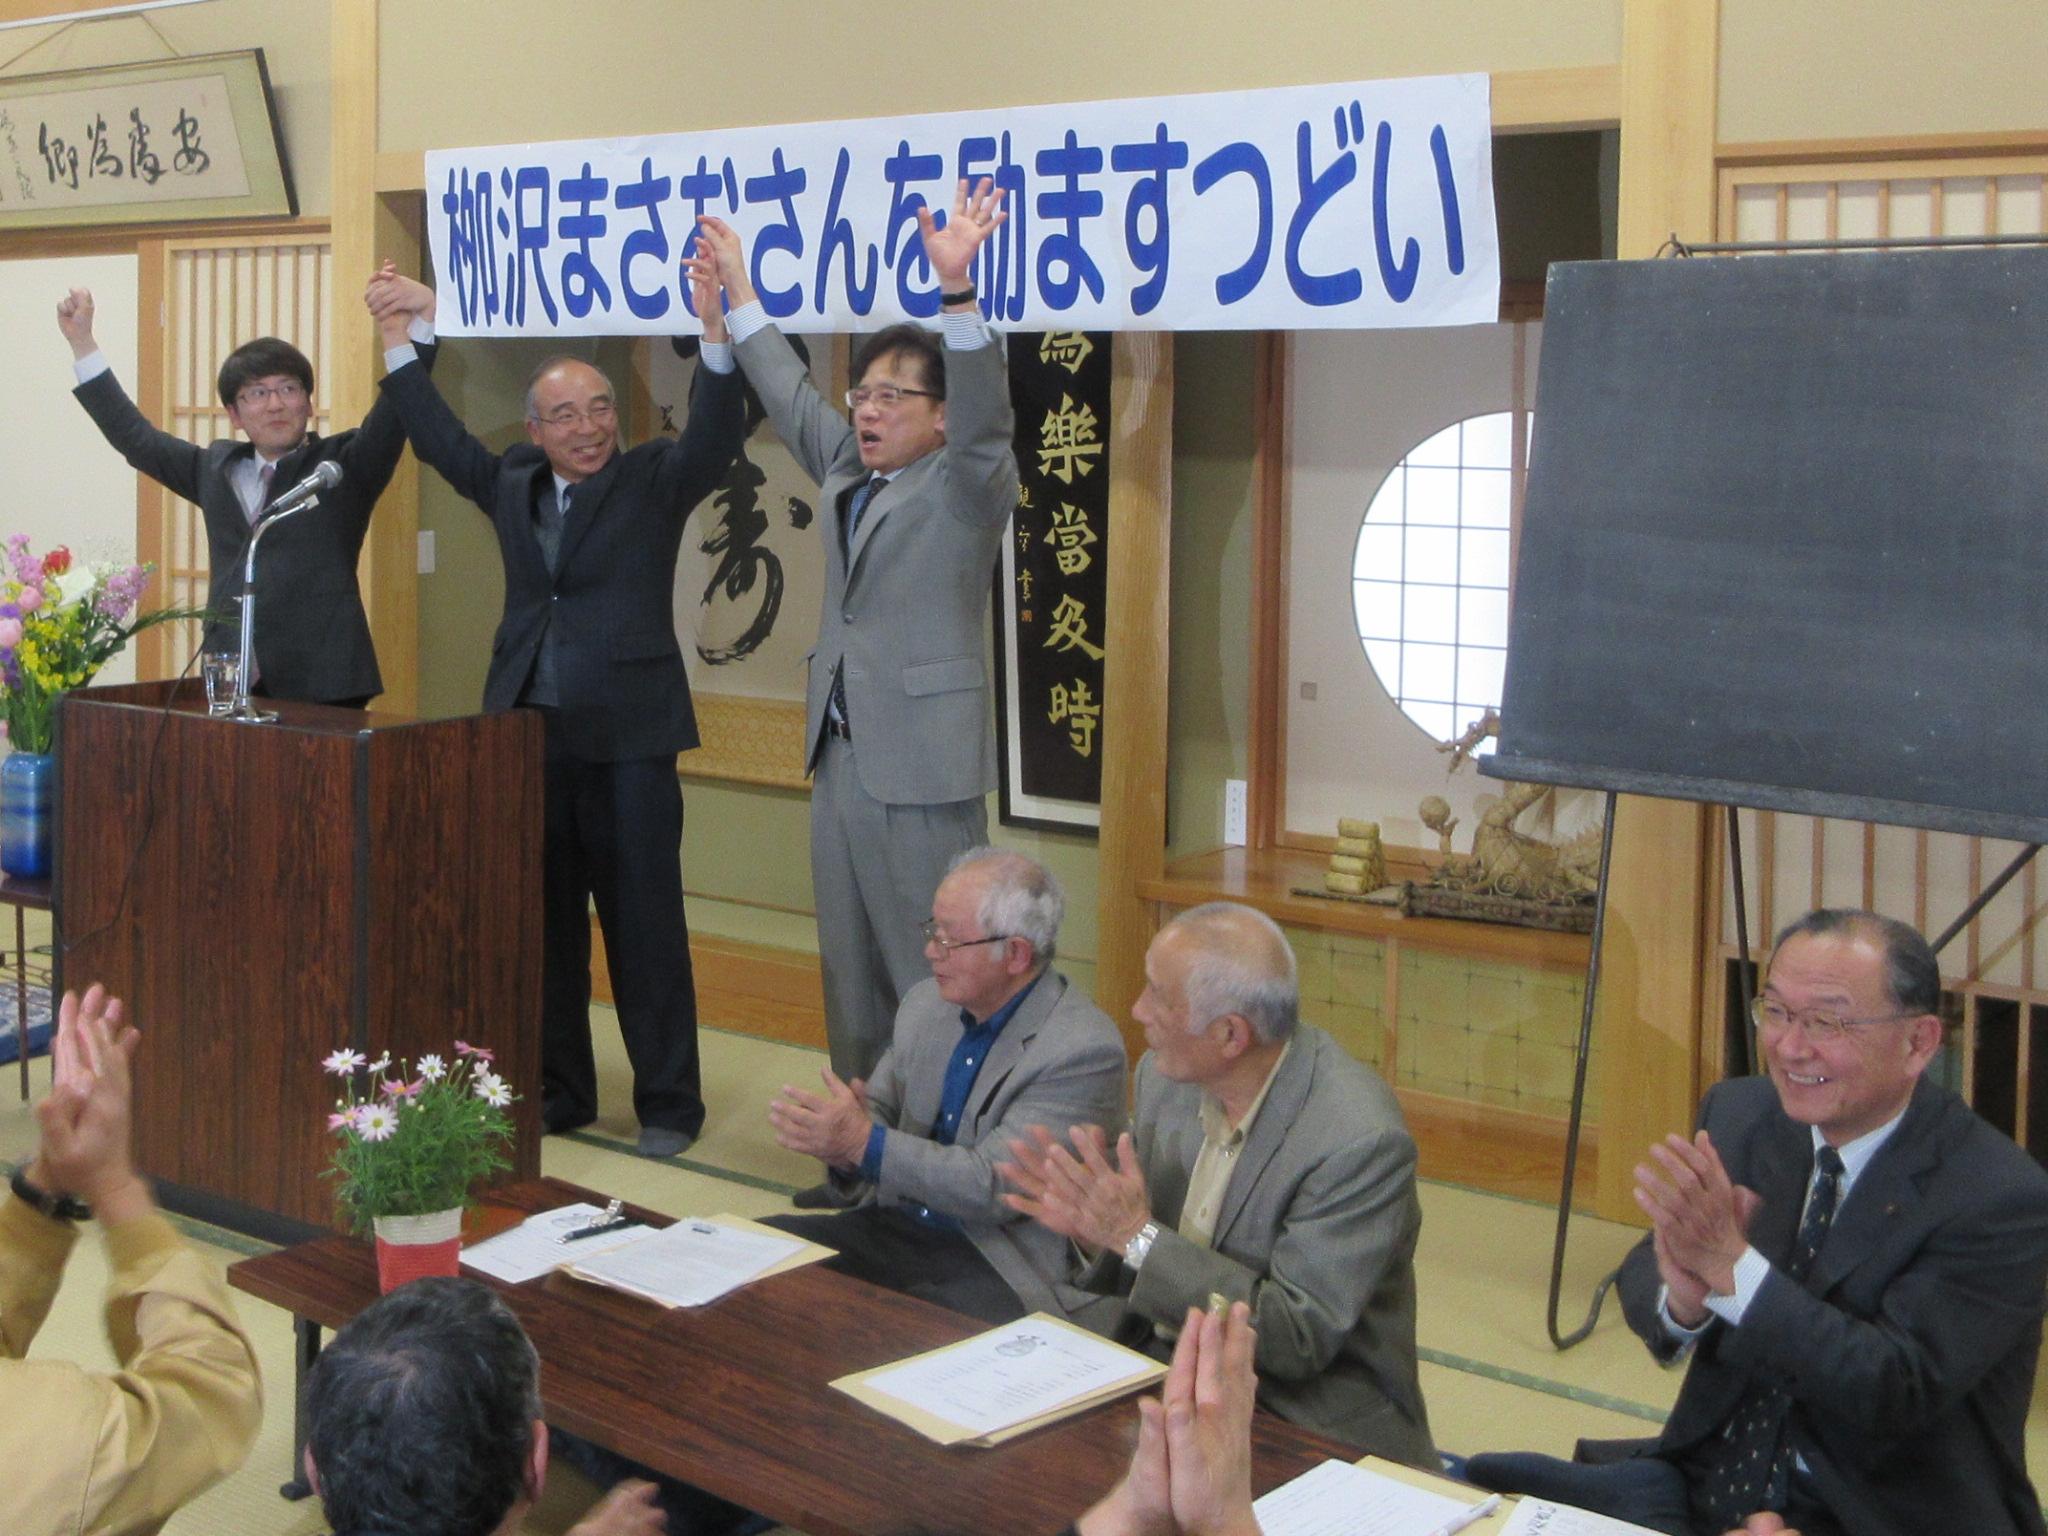 http://www.inoue-satoshi.com/diary/IMG_0639.JPG